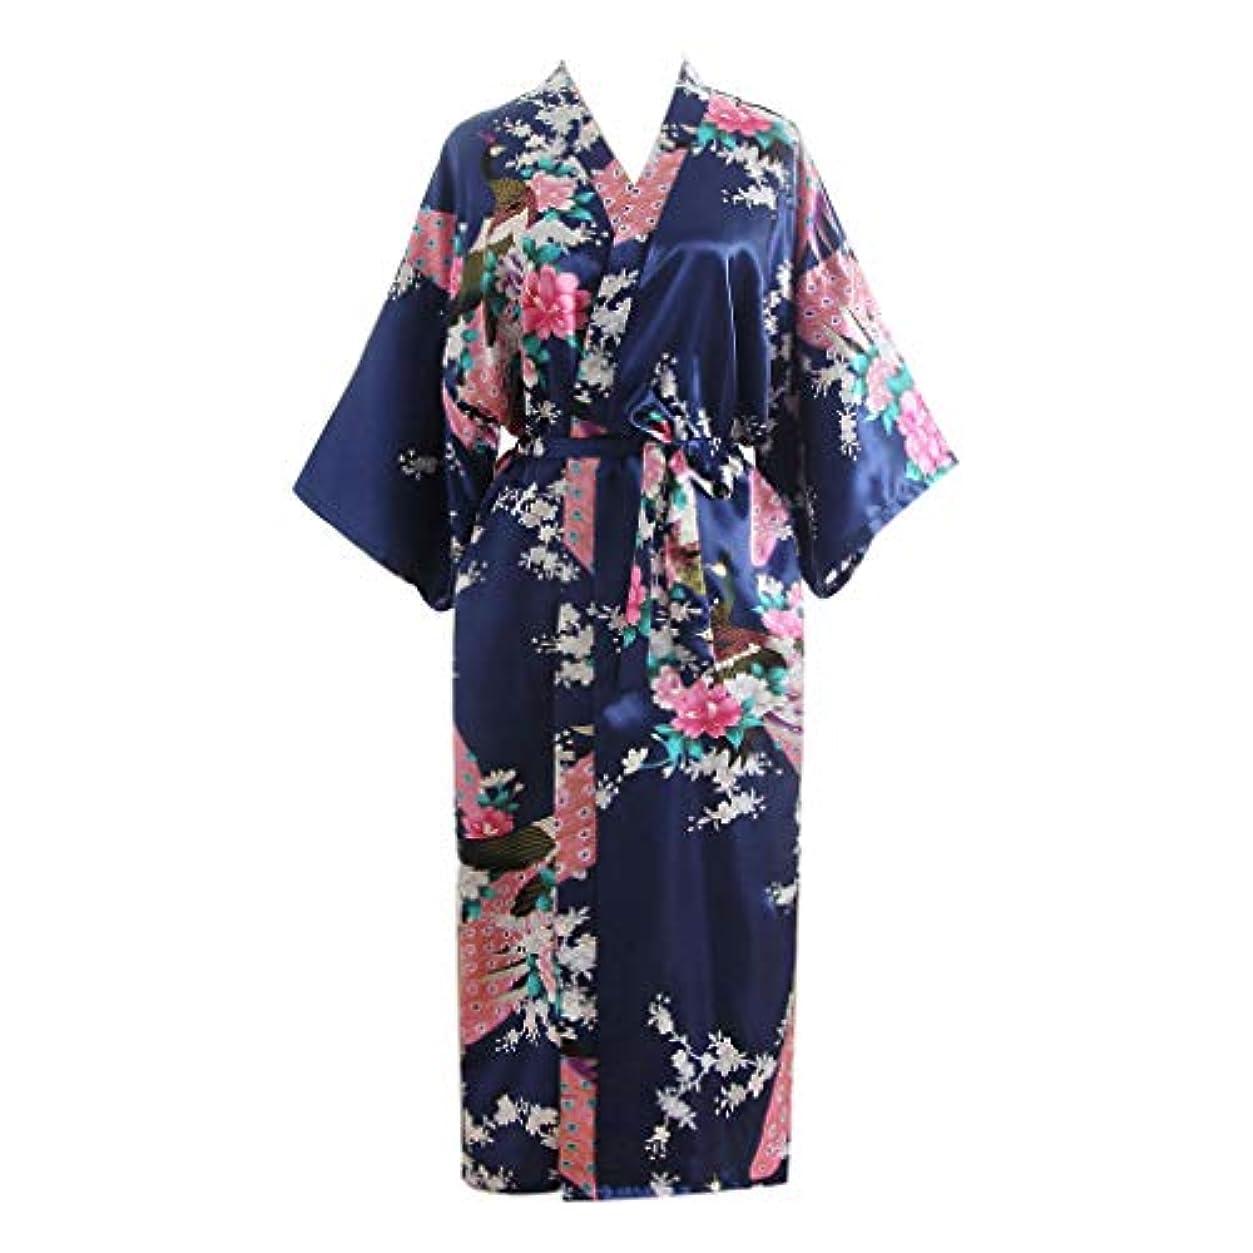 ムスバインドテーブルを設定するパジャマ liqiuxiang 女性 スリップ エレガント 和風 レディース リボン 日常 花柄 上品 バスローブウーマン 快適 柔らかい ルームウエア ギフト 記念日